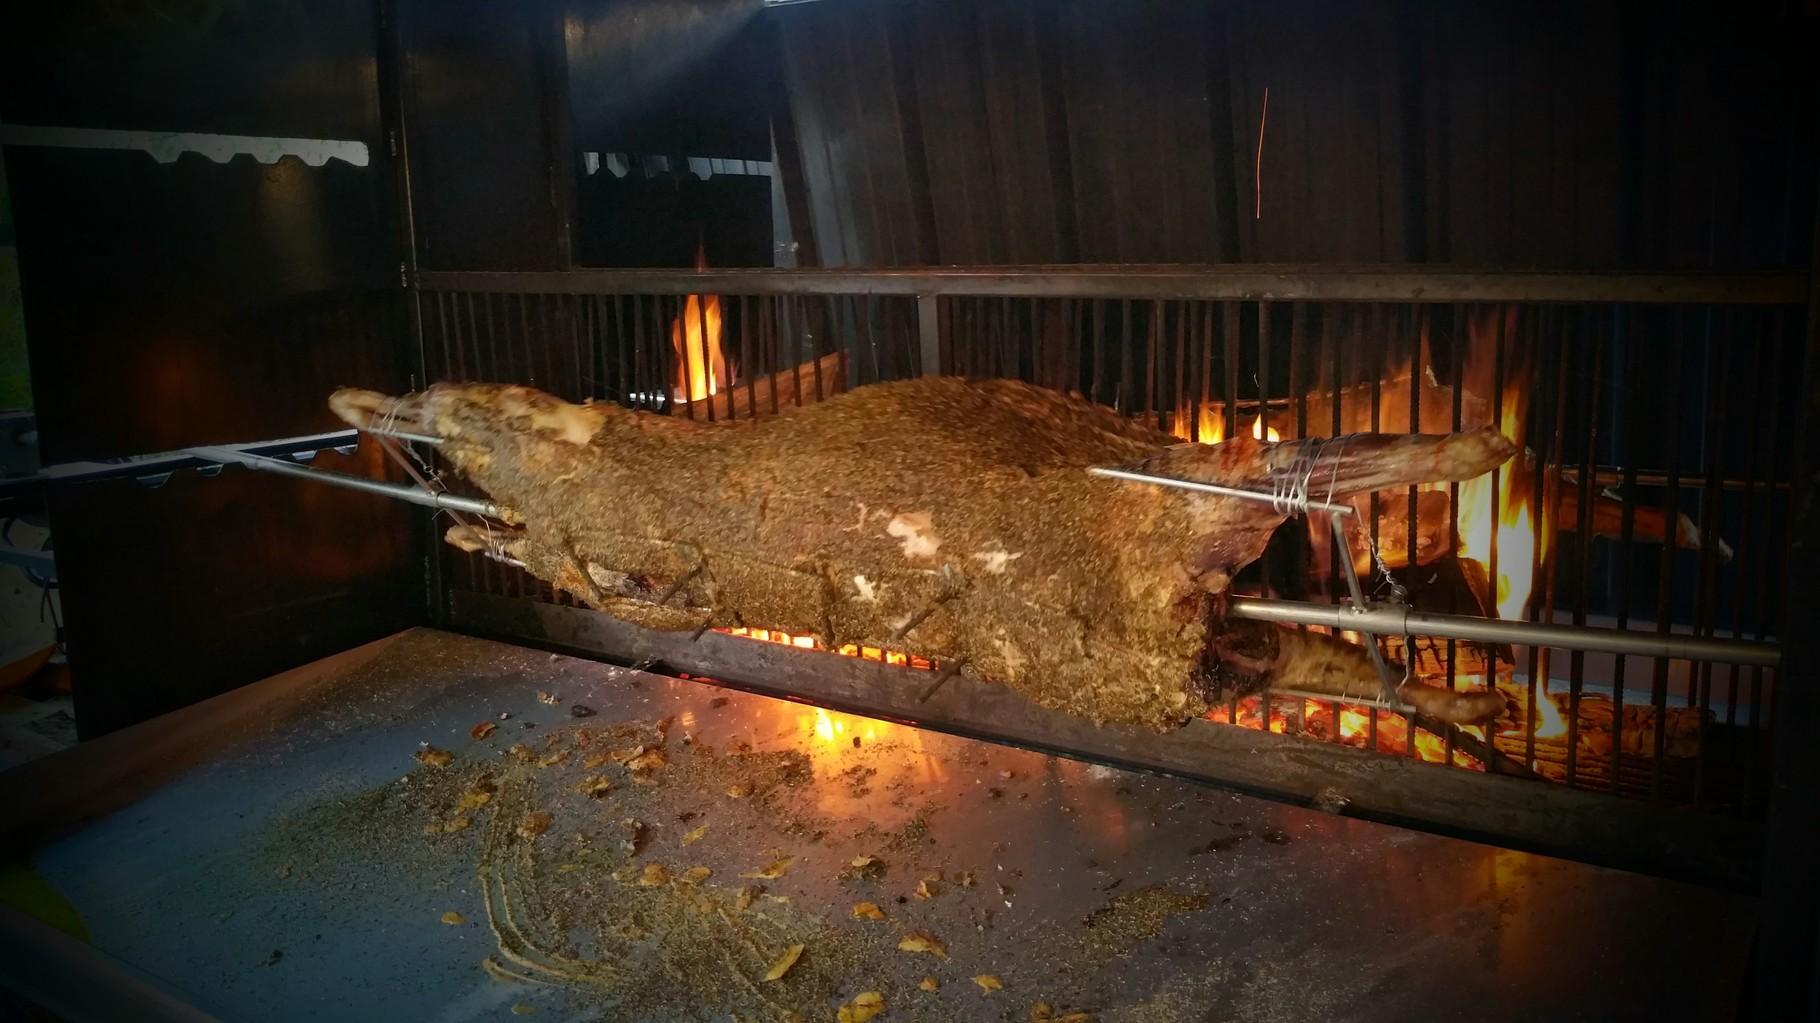 Méchoui à la broche cuit au feu de bois  Site de emilien  ~ Rotissoire Au Feu De Bois